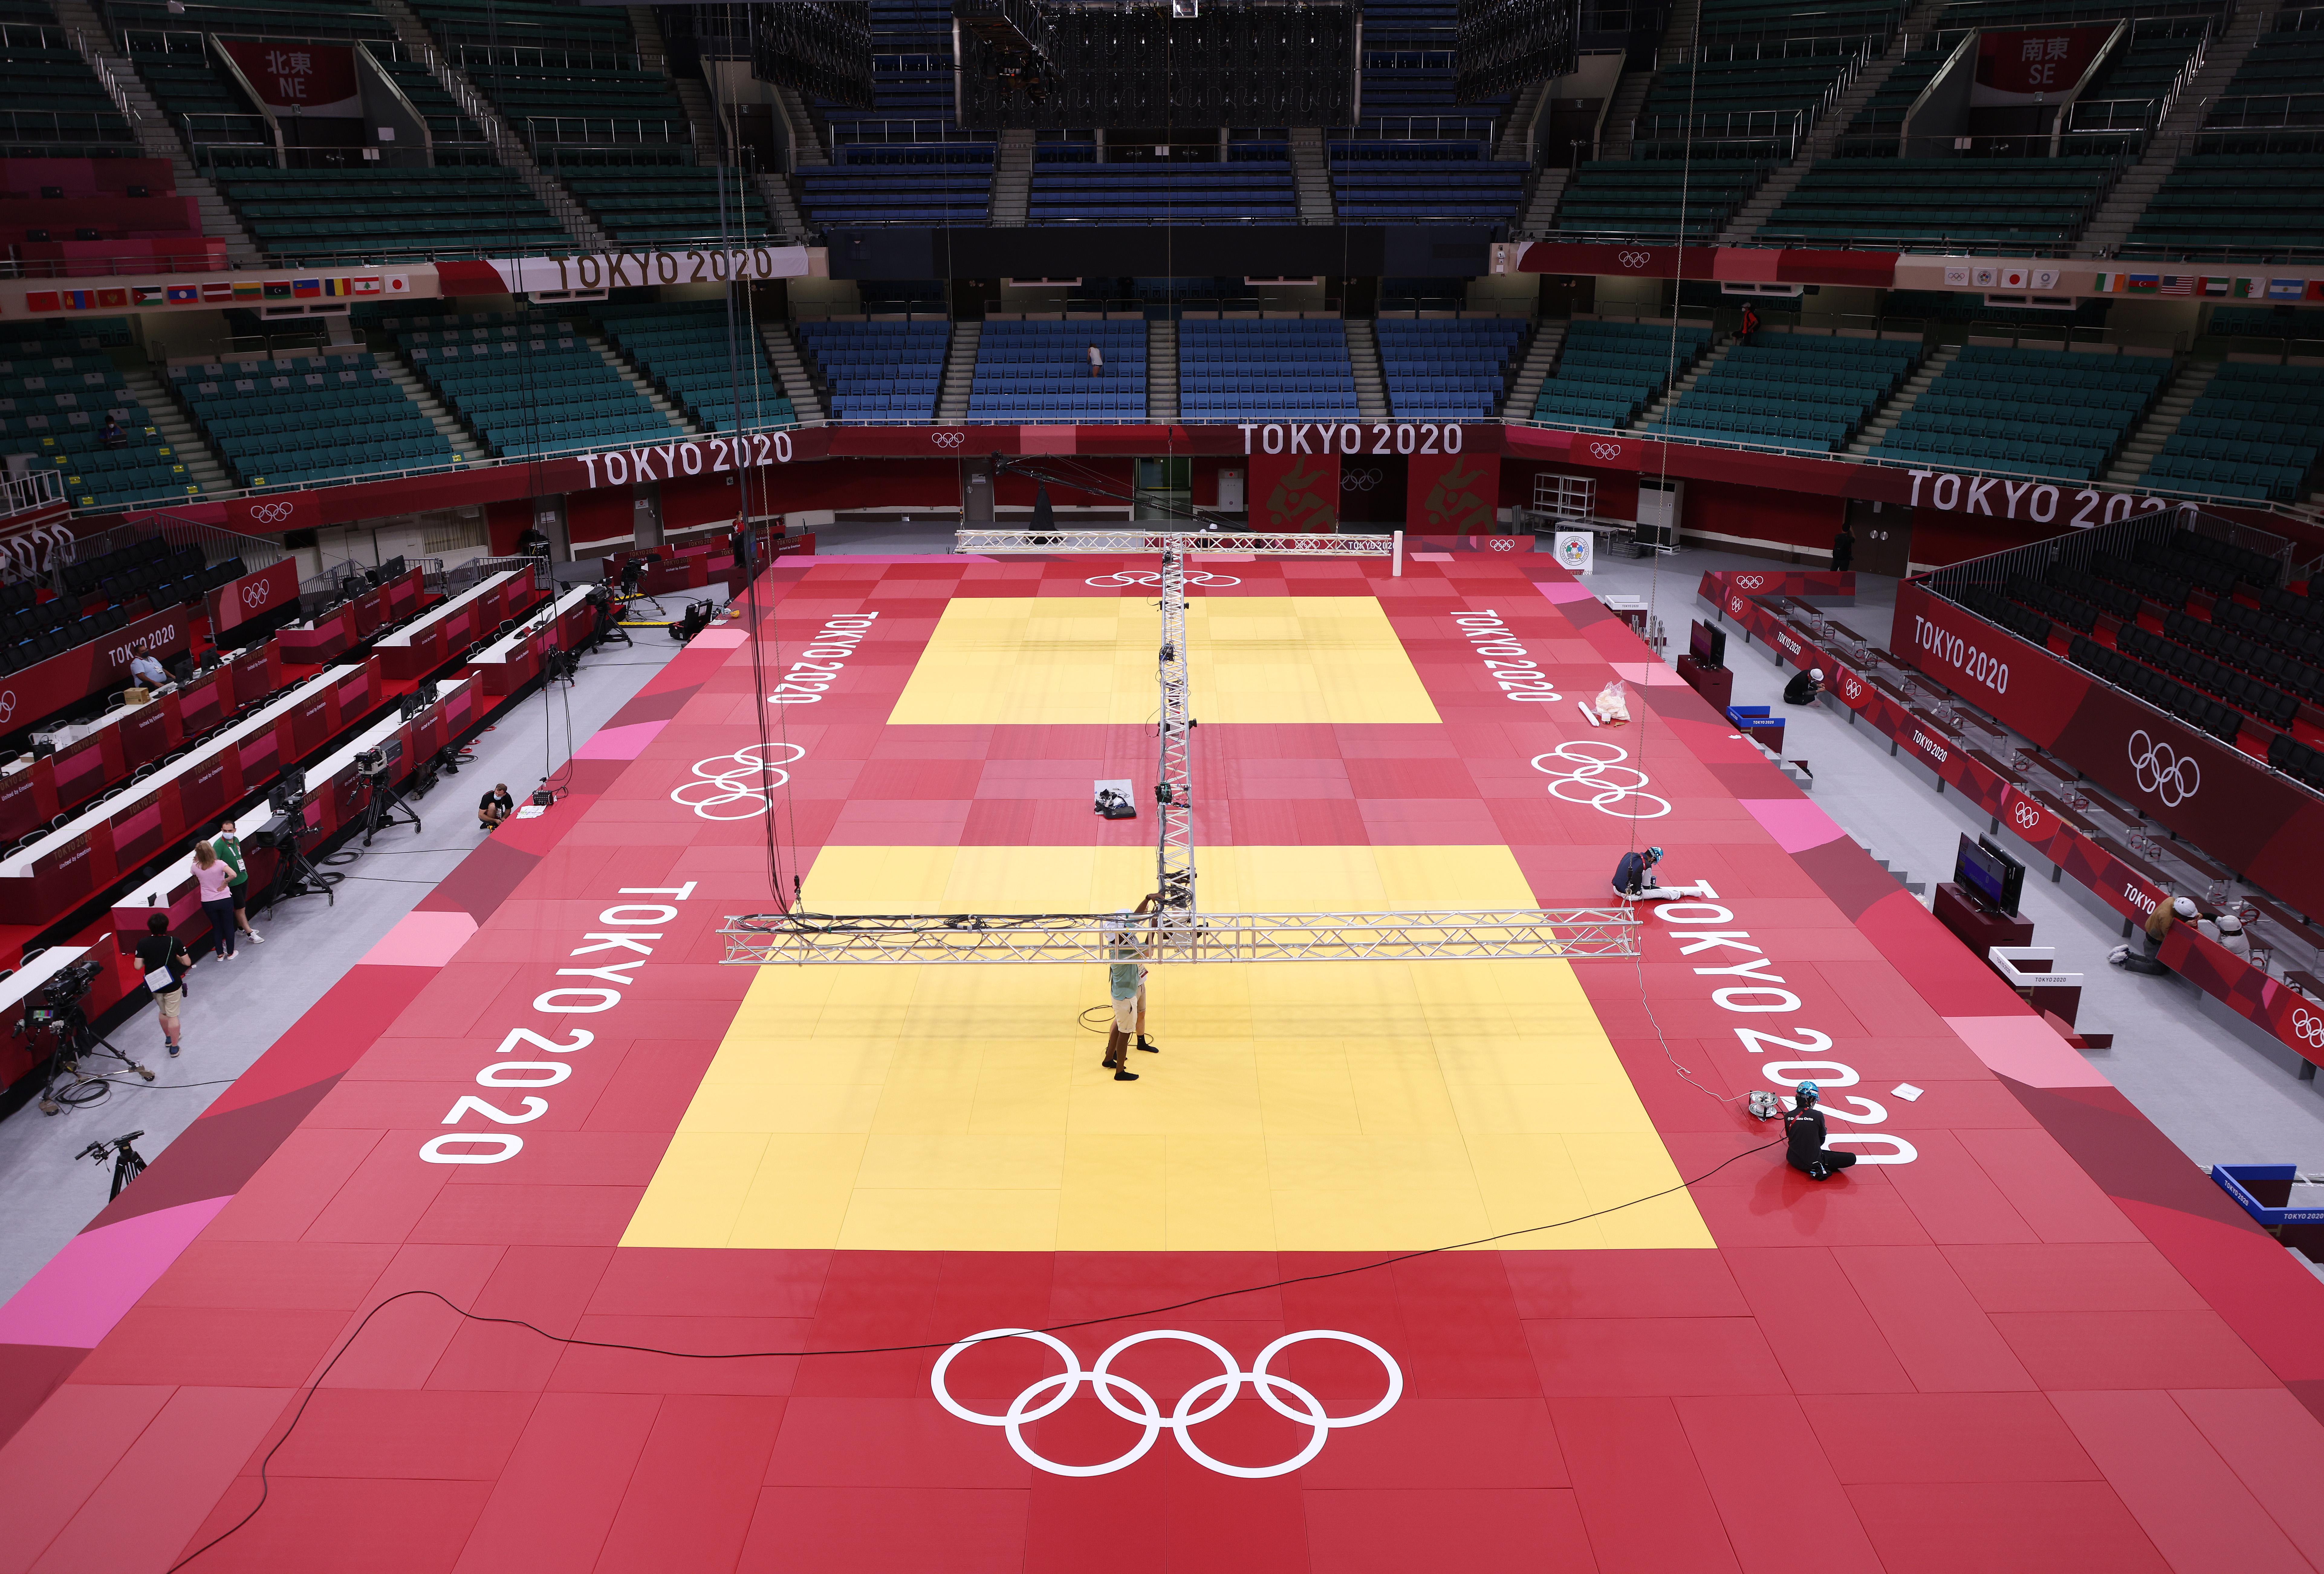 Os tatames que abrigarão as lutas de judô nas Olimpíadas de Tóquio já estão montados no Budokan